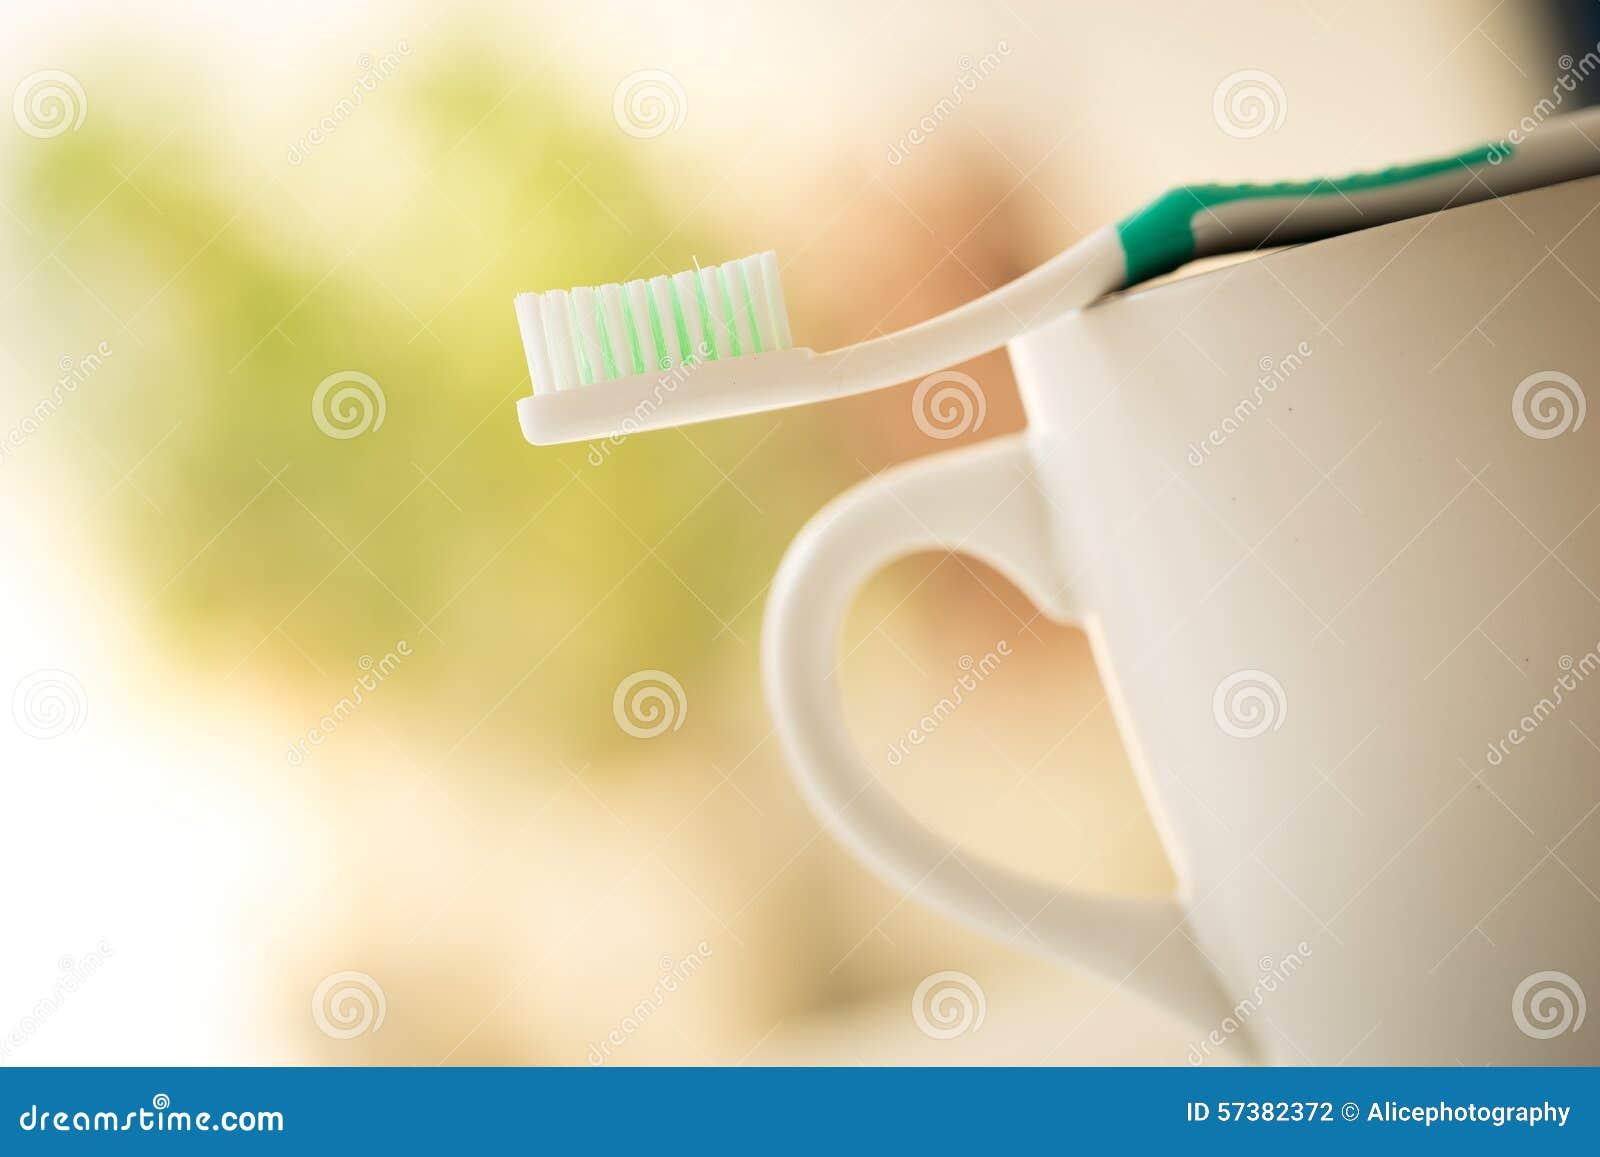 Tandenborstel voor tandzorg wordt geplaatst die